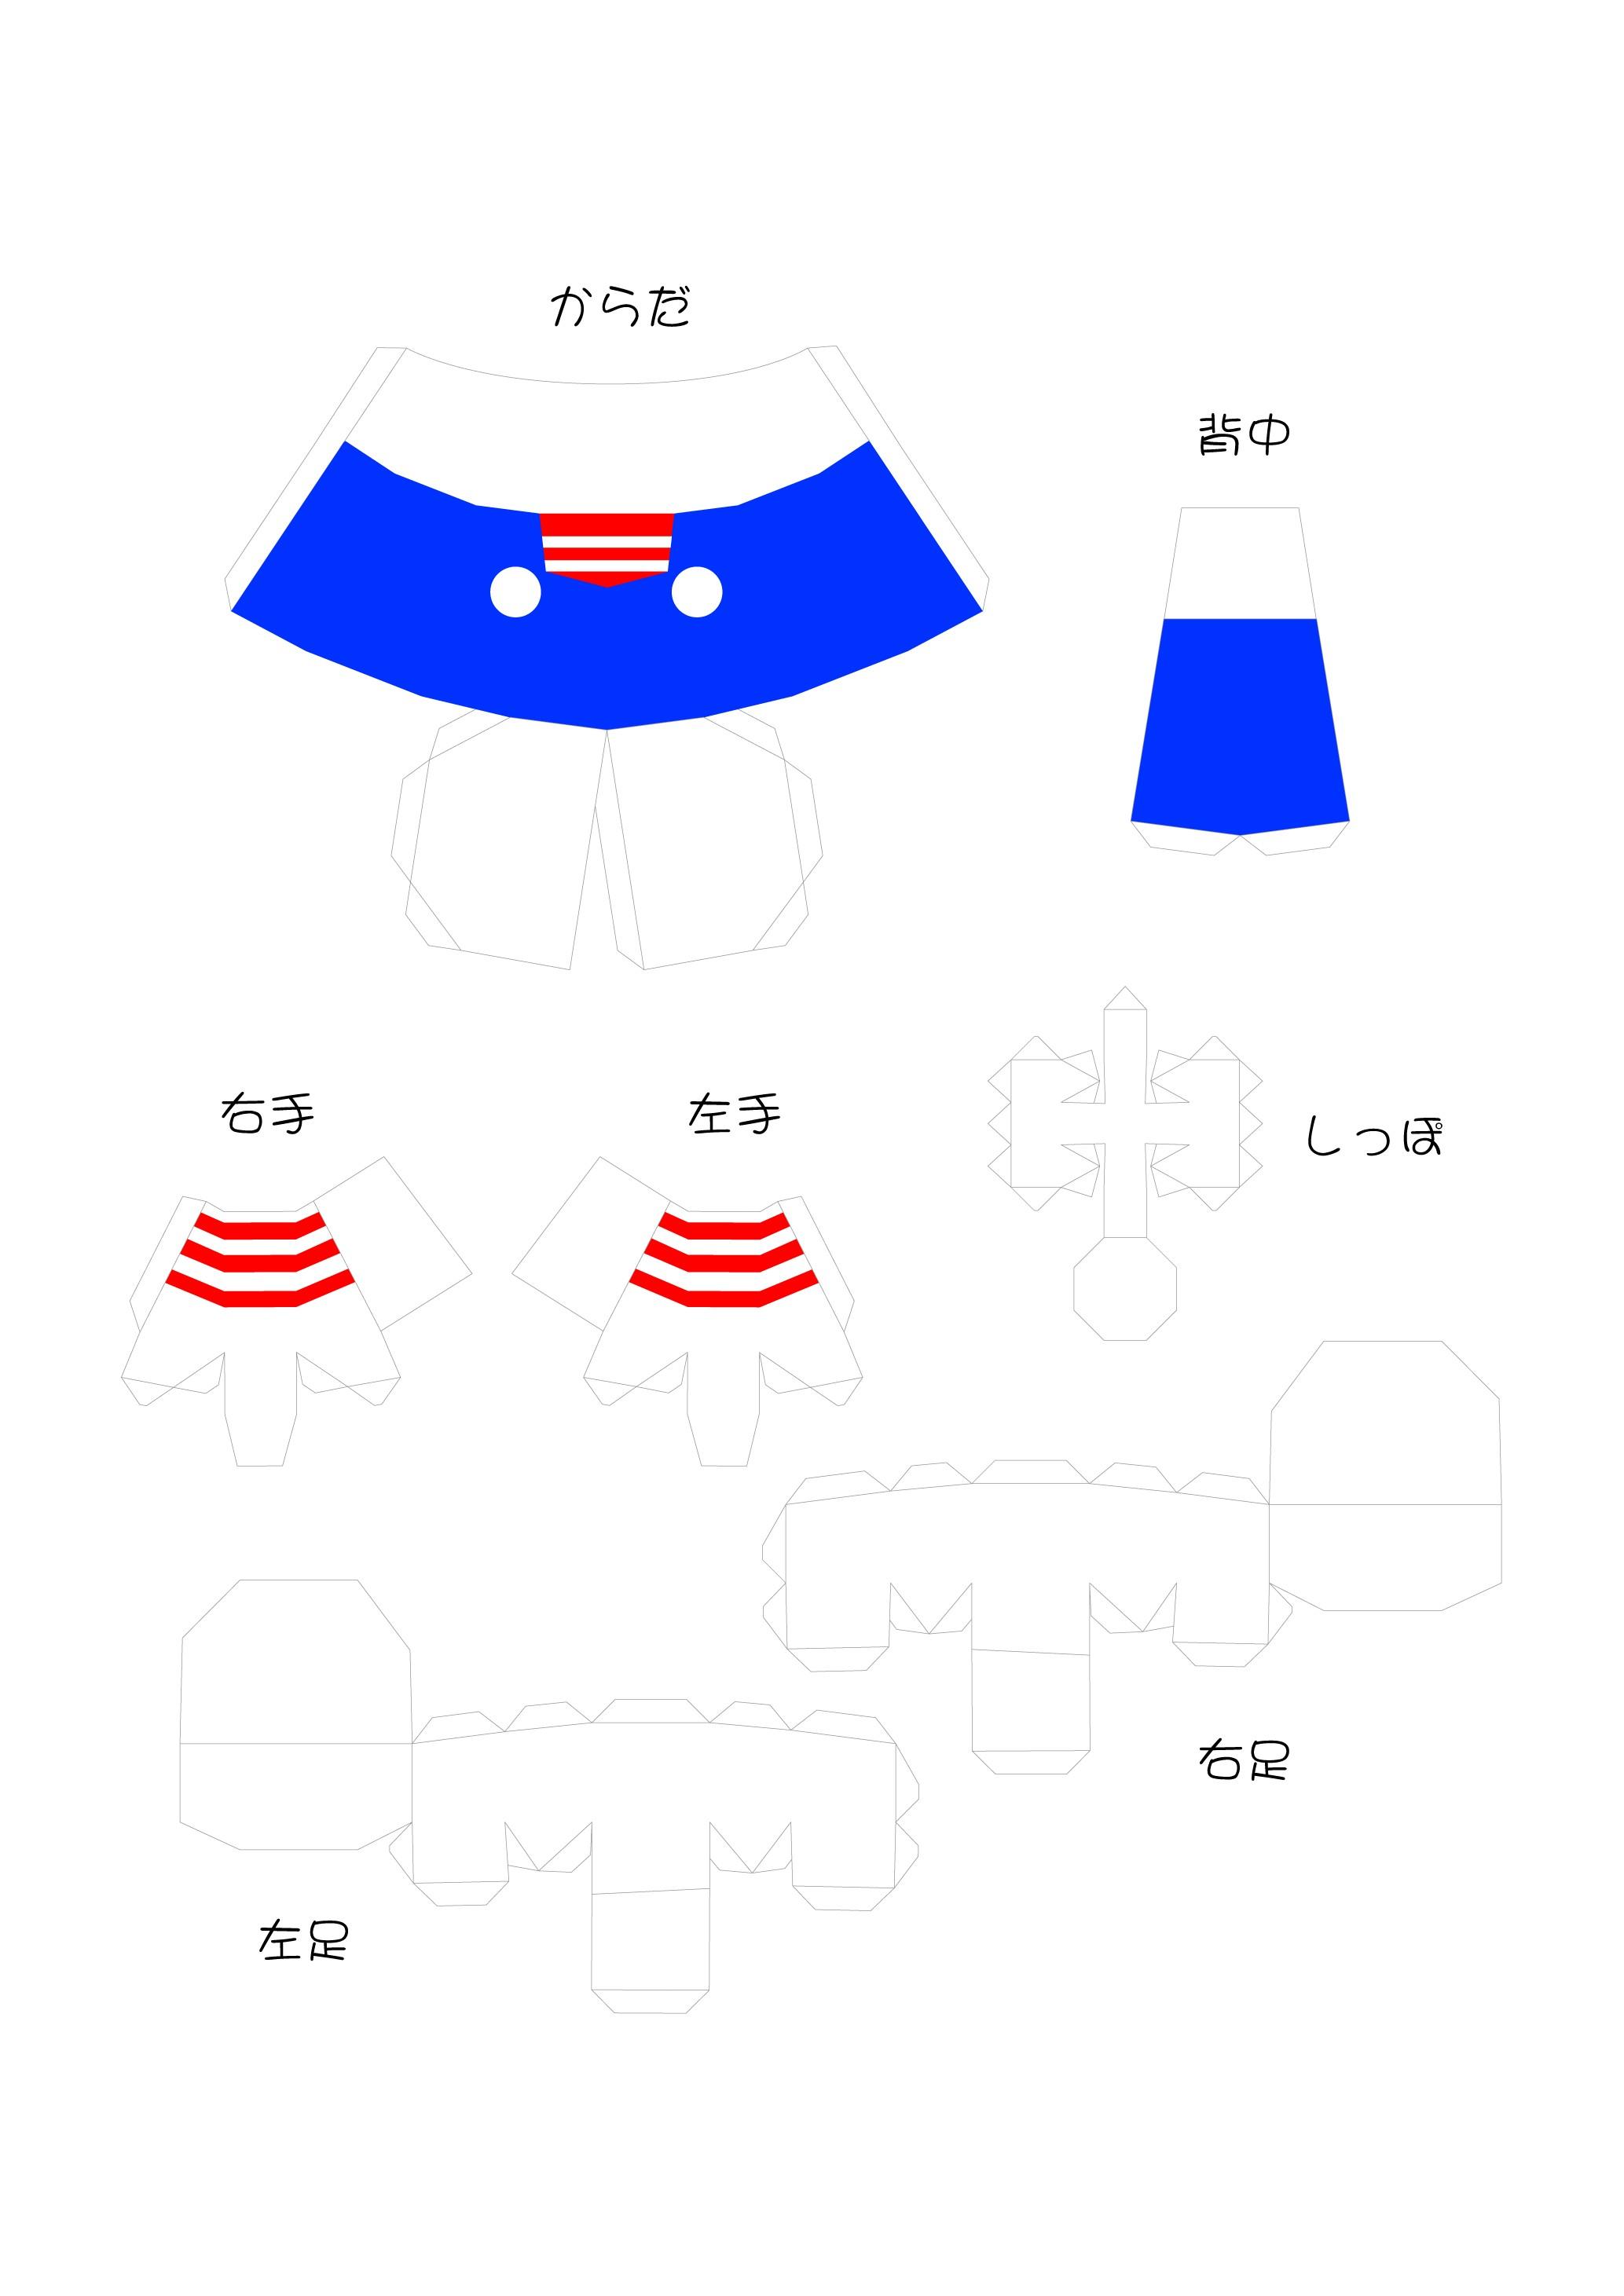 Toyota Papercraft Hello Kitty Papercraft 2b 2067—2923